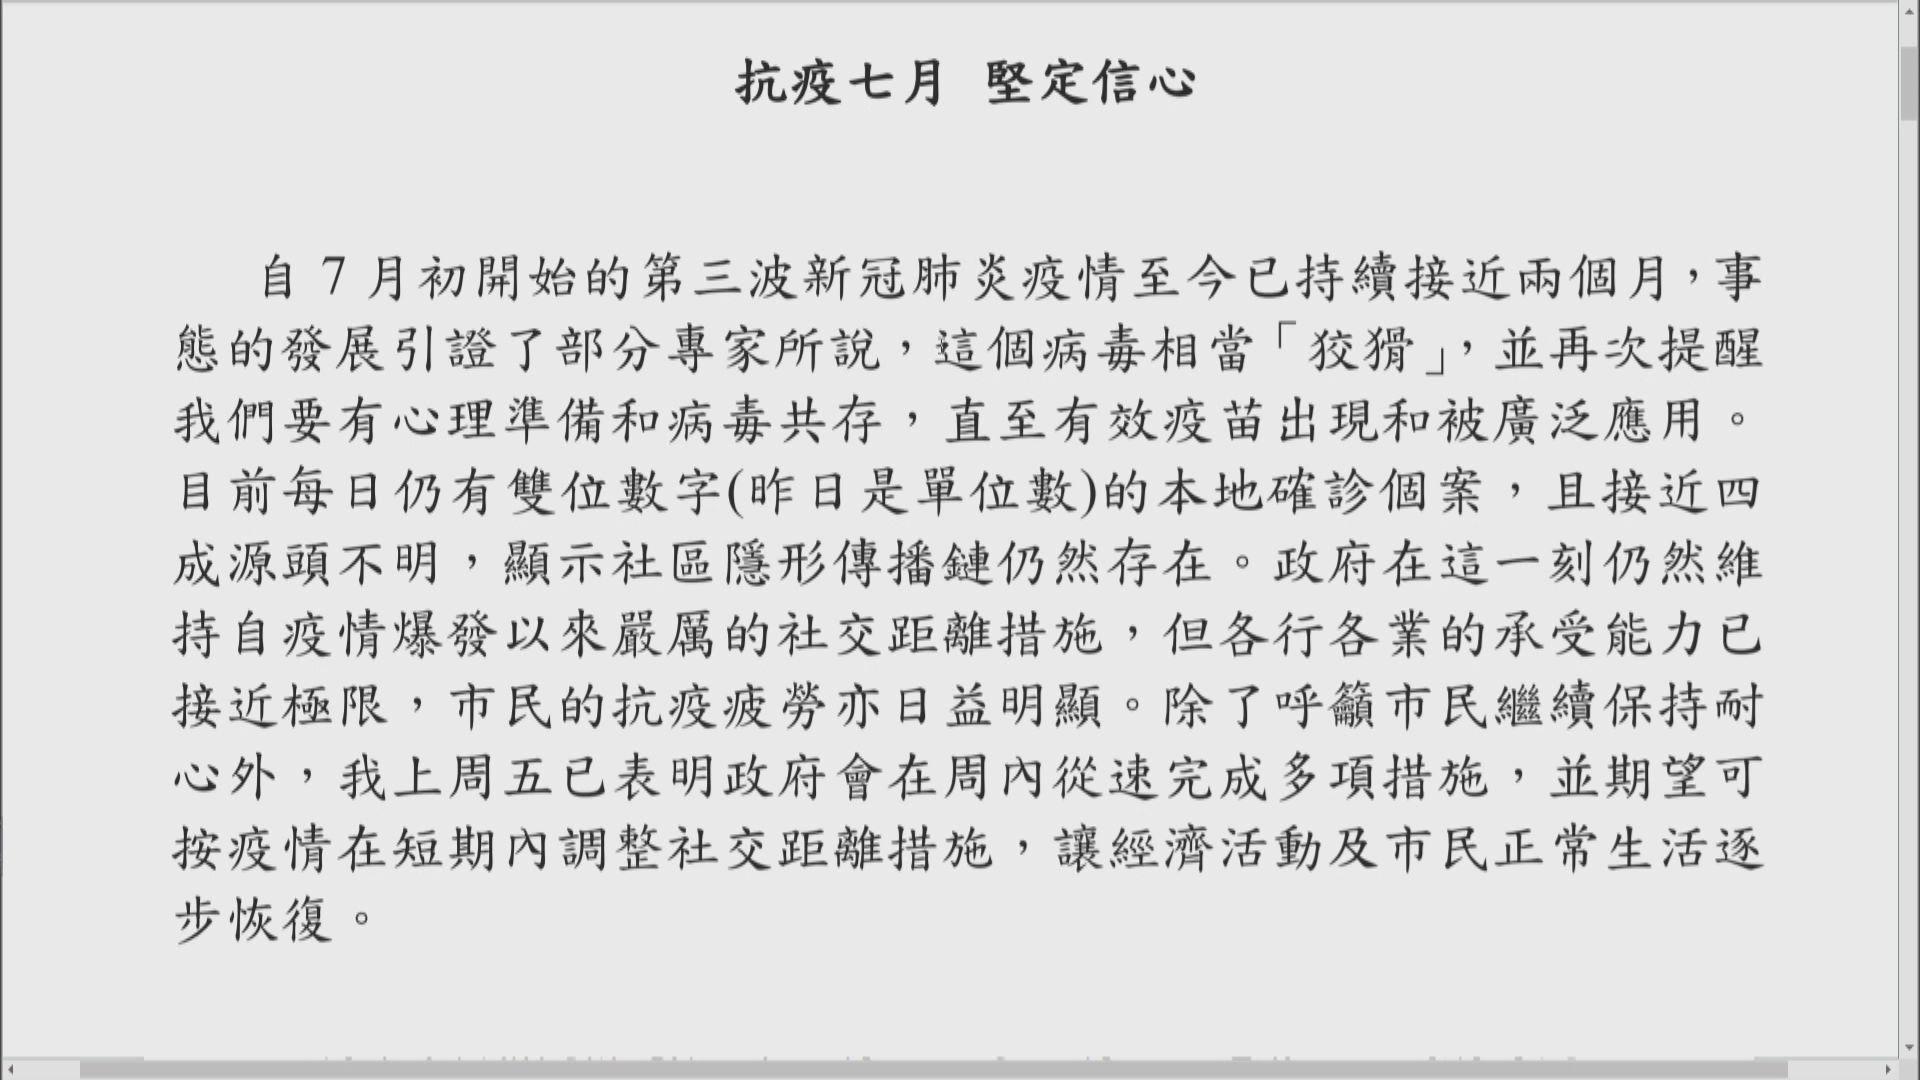 消息指今增約廿宗確診 林鄭盼短期調整社交距離措施